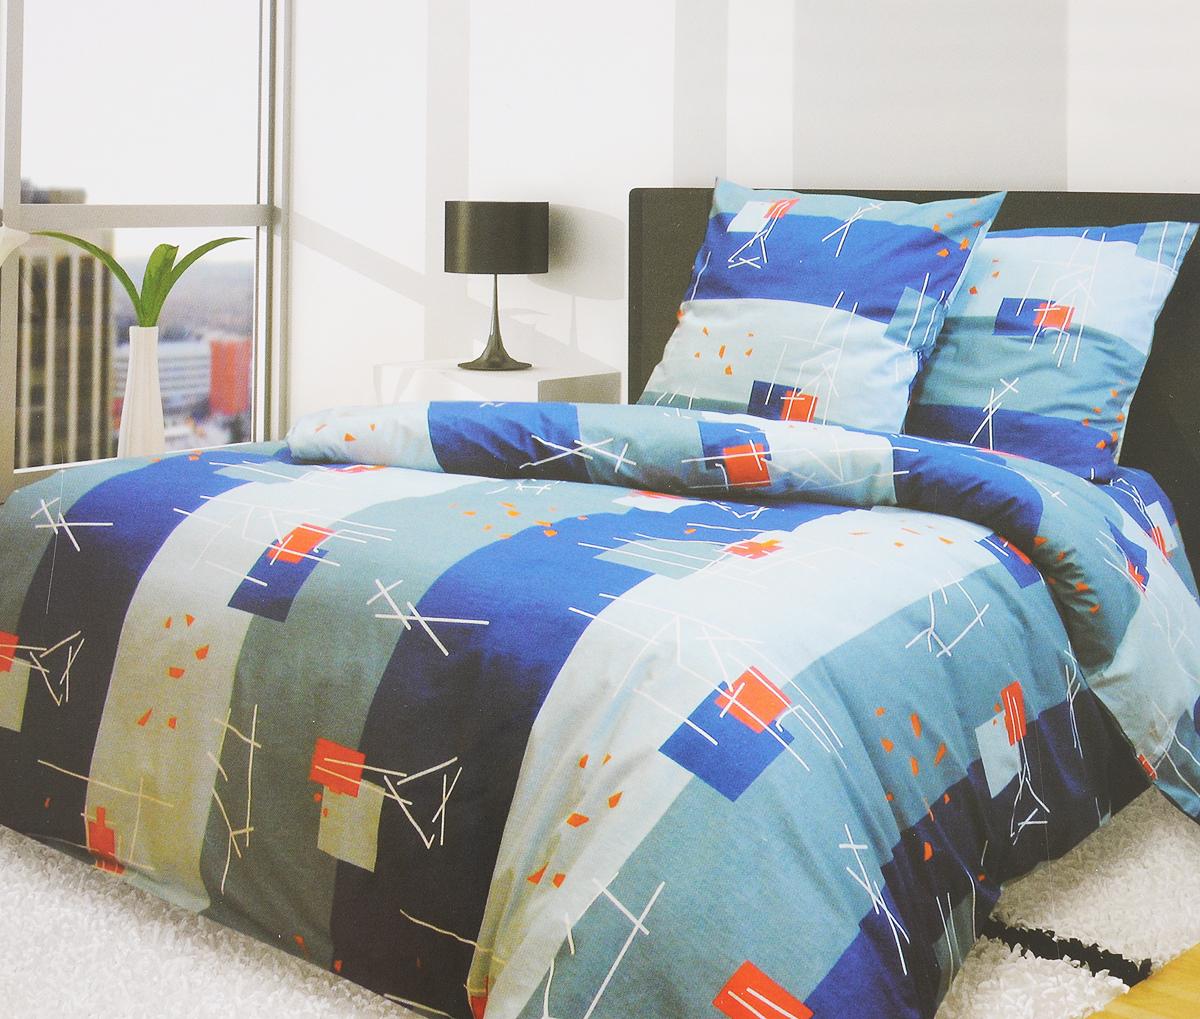 Комплект белья Катюша Хайтек, 1,5-спальный, наволочки 70х70, цвет: синий, красныйC-129/3927Комплект постельного белья Катюша Хайтек является экологически безопасным для всей семьи, так как выполнен из бязи (100% хлопок). Комплект состоит из пододеяльника, простыни и двух наволочек. Постельное белье оформлено оригинальным рисунком и имеет изысканный внешний вид. Бязь - это ткань полотняного переплетения, изготовленная из экологически чистого и натурального 100% хлопка. Она прочная, мягкая, обладает низкой сминаемостью, легко стирается и хорошо гладится. Бязь прекрасно пропускает воздух и за ней легко ухаживать. При соблюдении рекомендуемых условий стирки, сушки и глажения ткань имеет усадку по ГОСТу, сохранятся яркость текстильных рисунков. Приобретая комплект постельного белья Катюша Хайтек, вы можете быть уверены в том, что покупка доставит вам и вашим близким удовольствие и подарит максимальный комфорт.